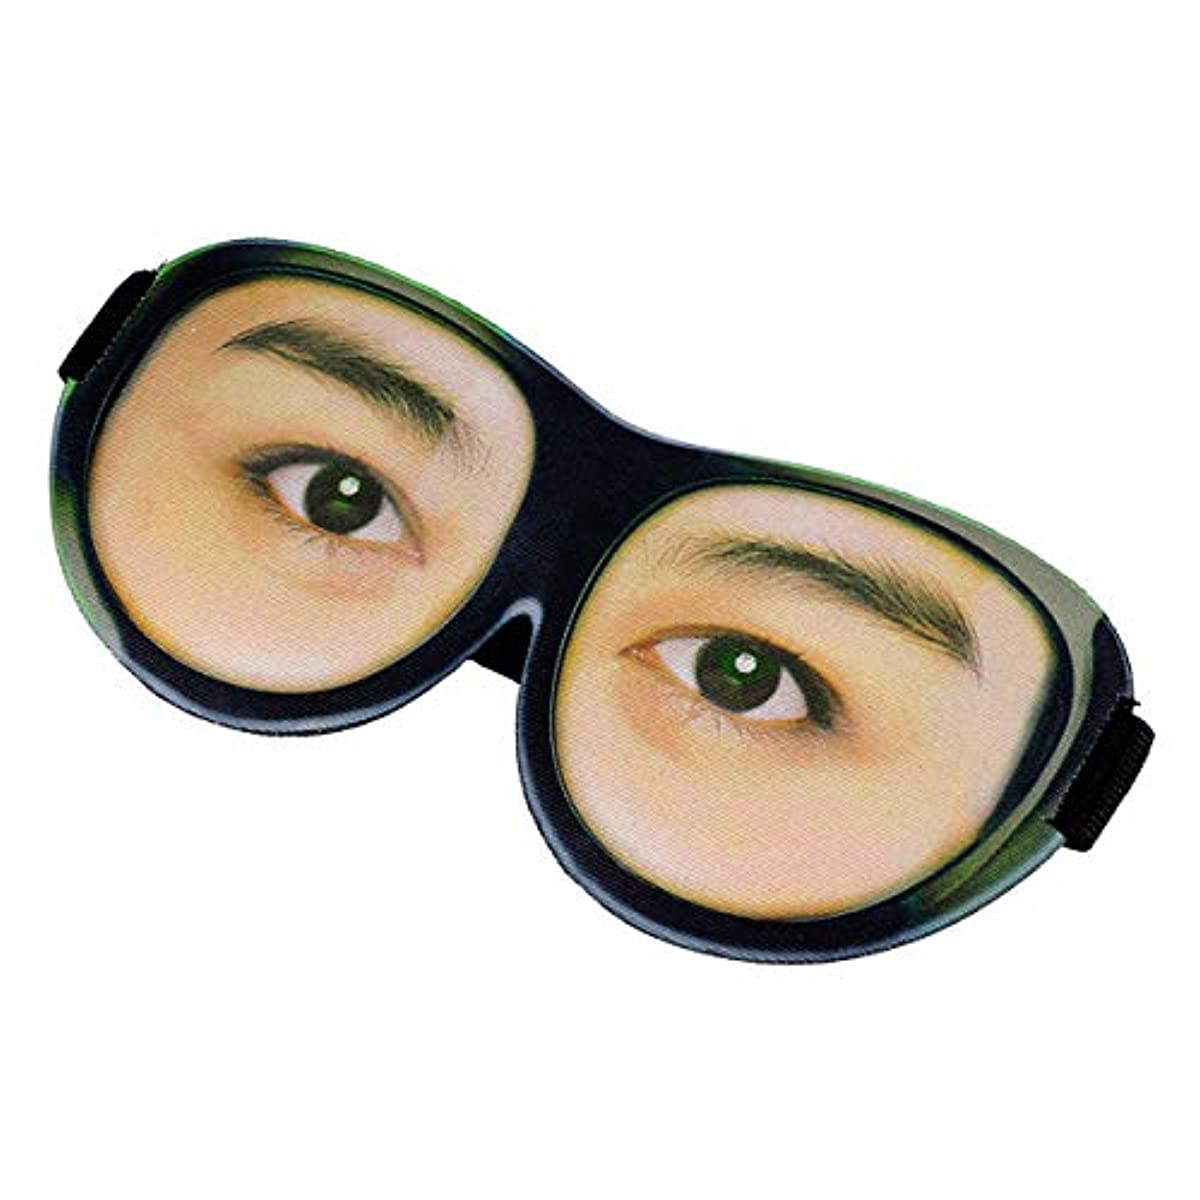 避難するベッド音楽を聴くBeaupretty 睡眠マスクメガネ面白い3D調節可能ストラップ付きアイマスクアイシェード睡眠用アイシェード